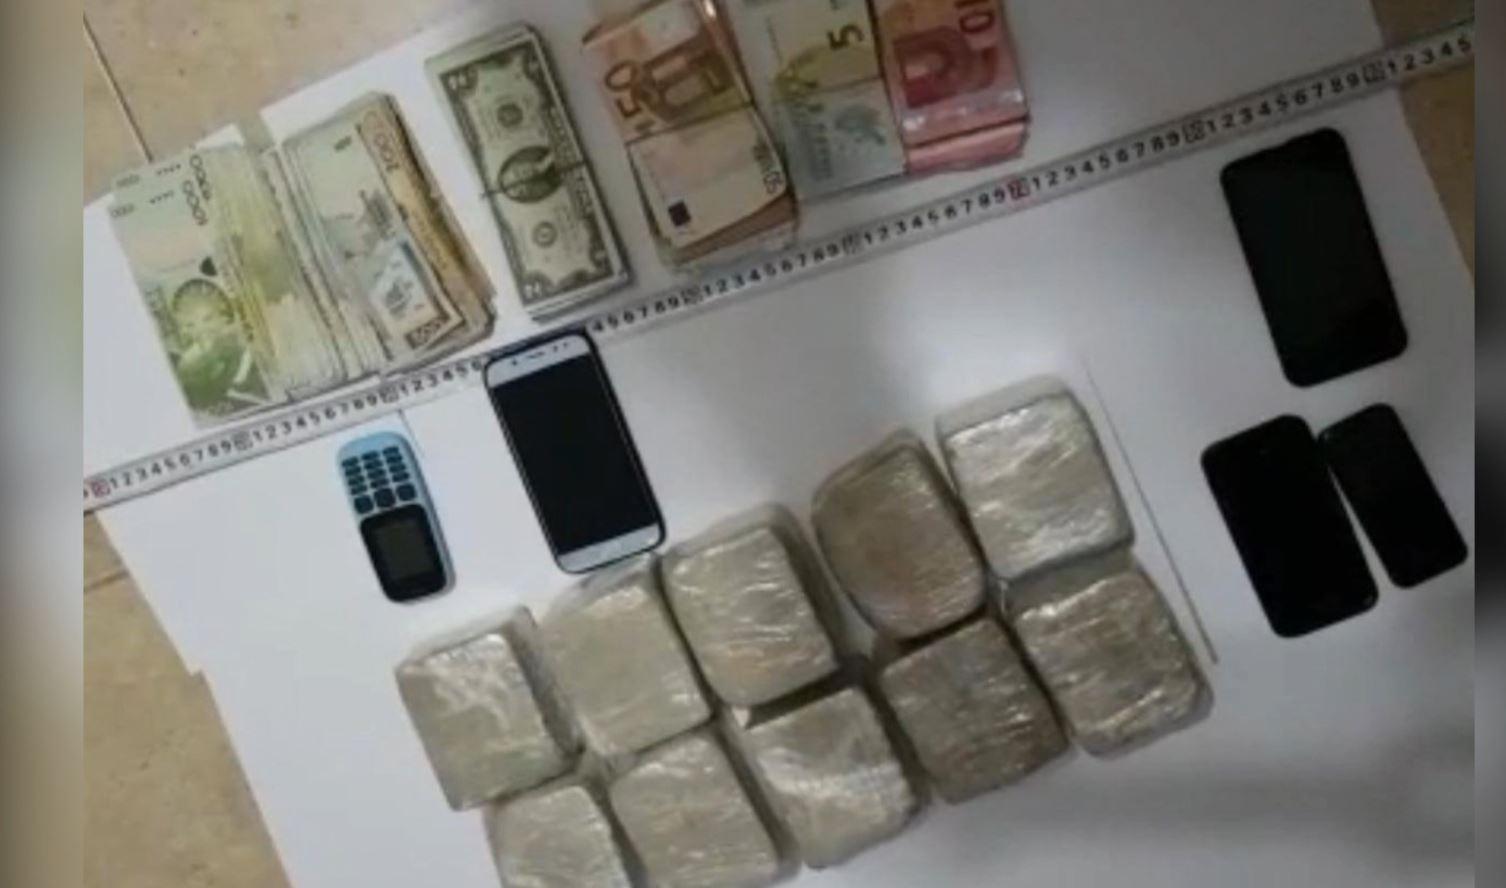 Sekuestrimi i 5 kg heroinë, gjykata lë tre persona në burg